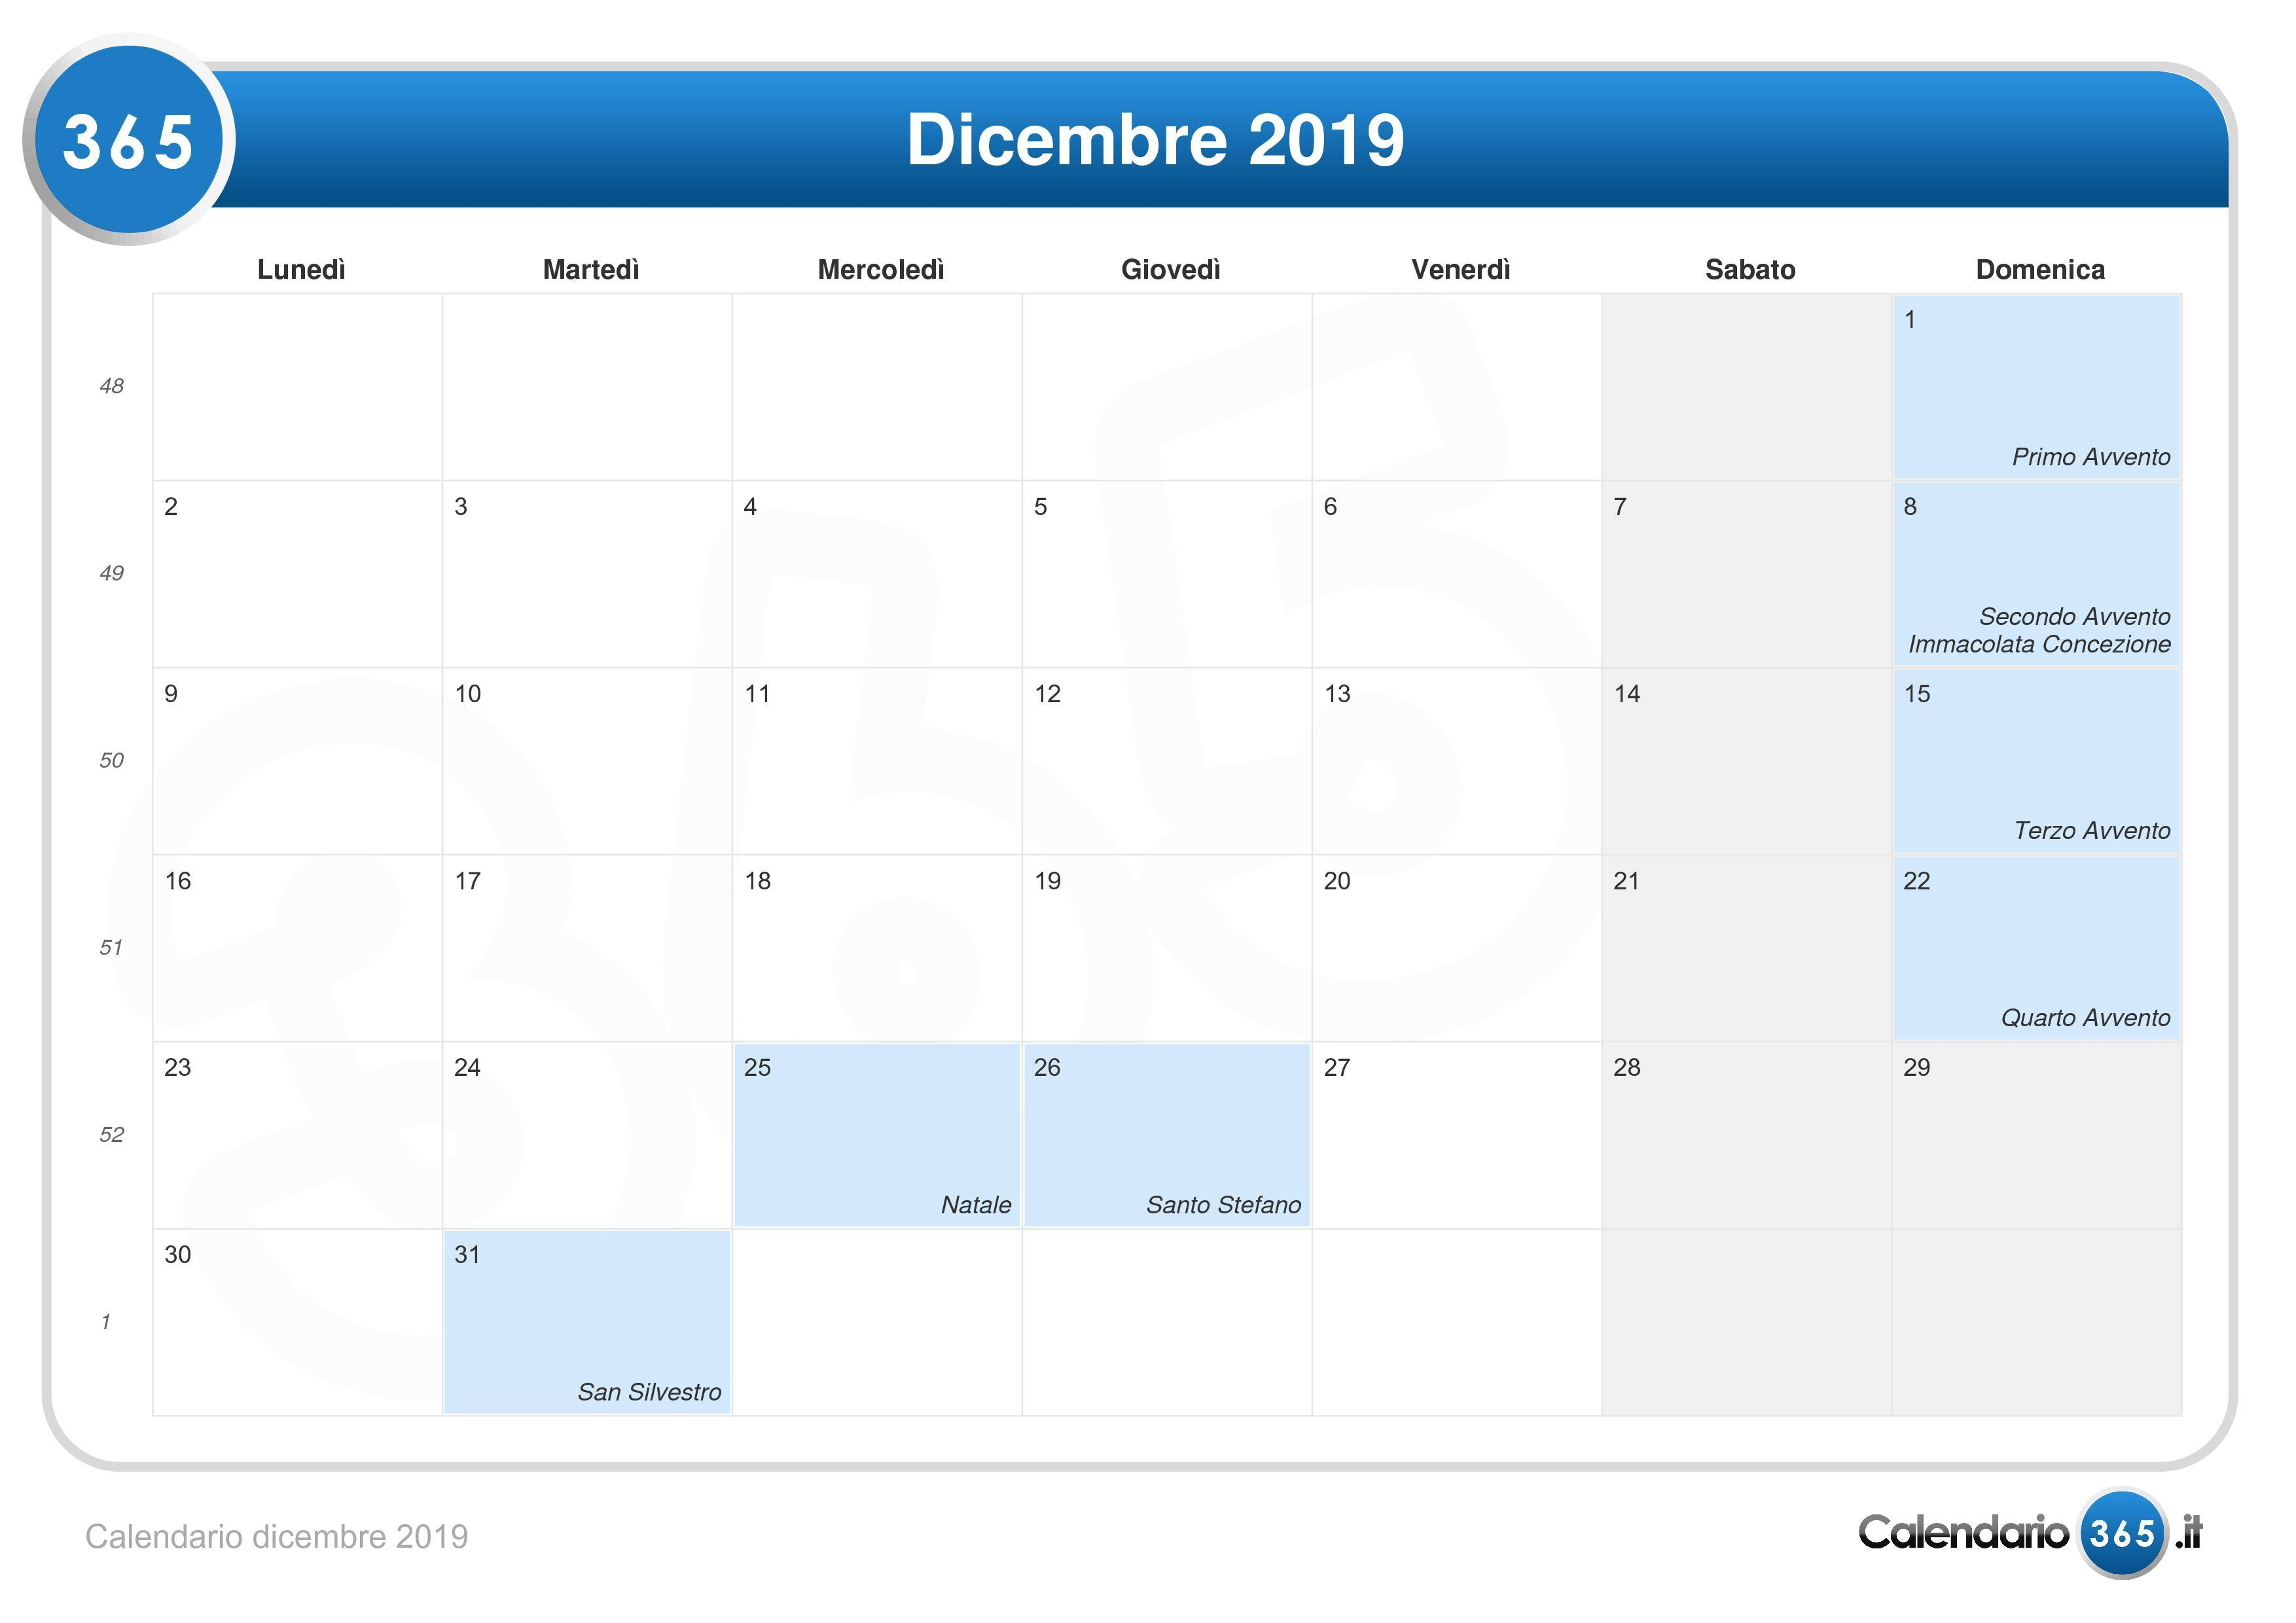 Calendario Dicembre 2019 E Gennaio 2020.Calendario Dicembre 2019